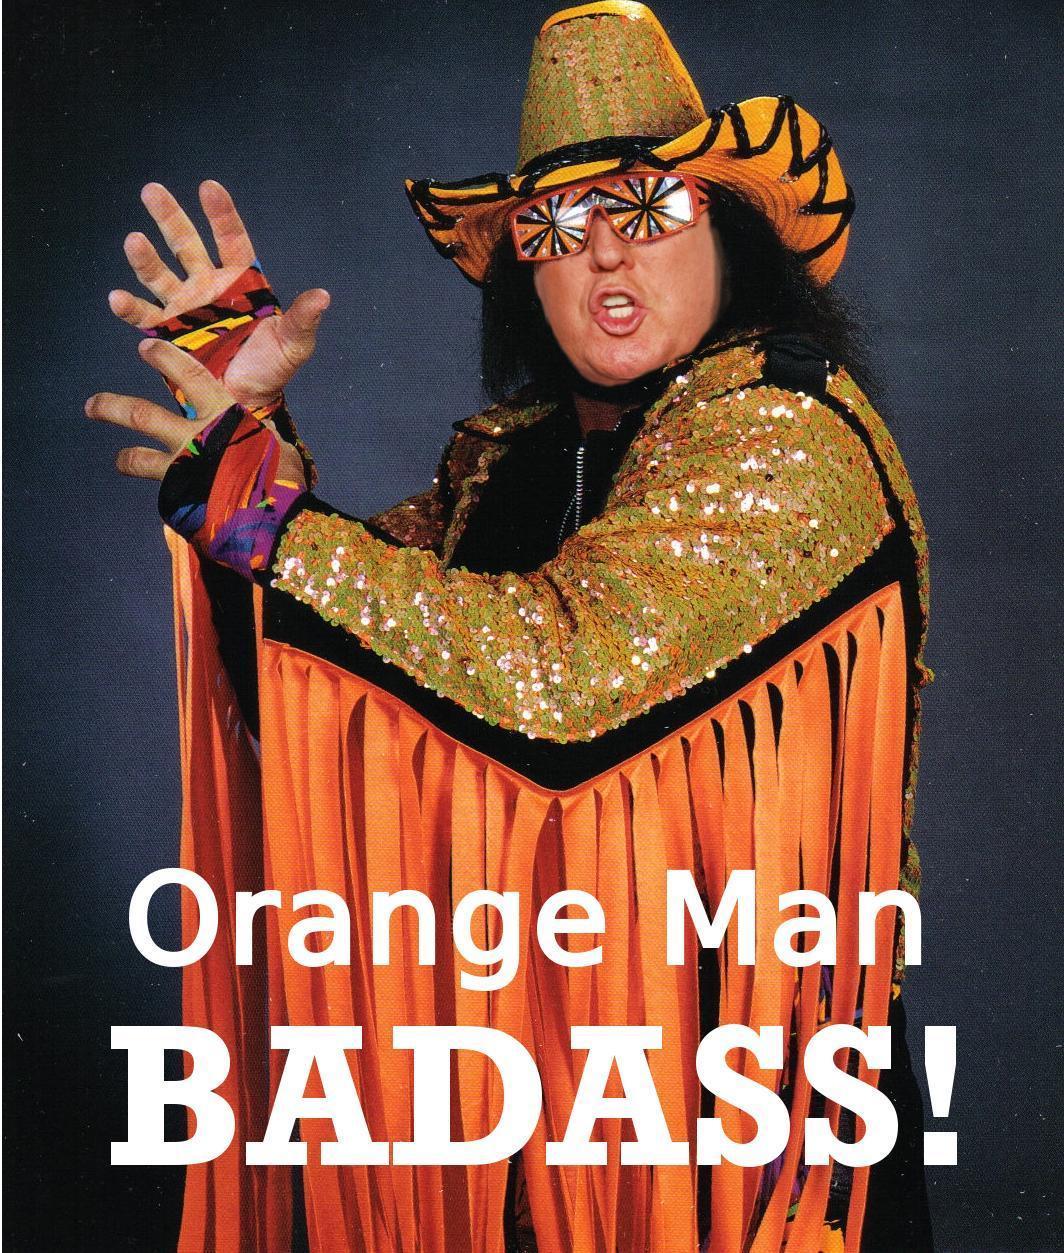 Orangemanbadass.jpg